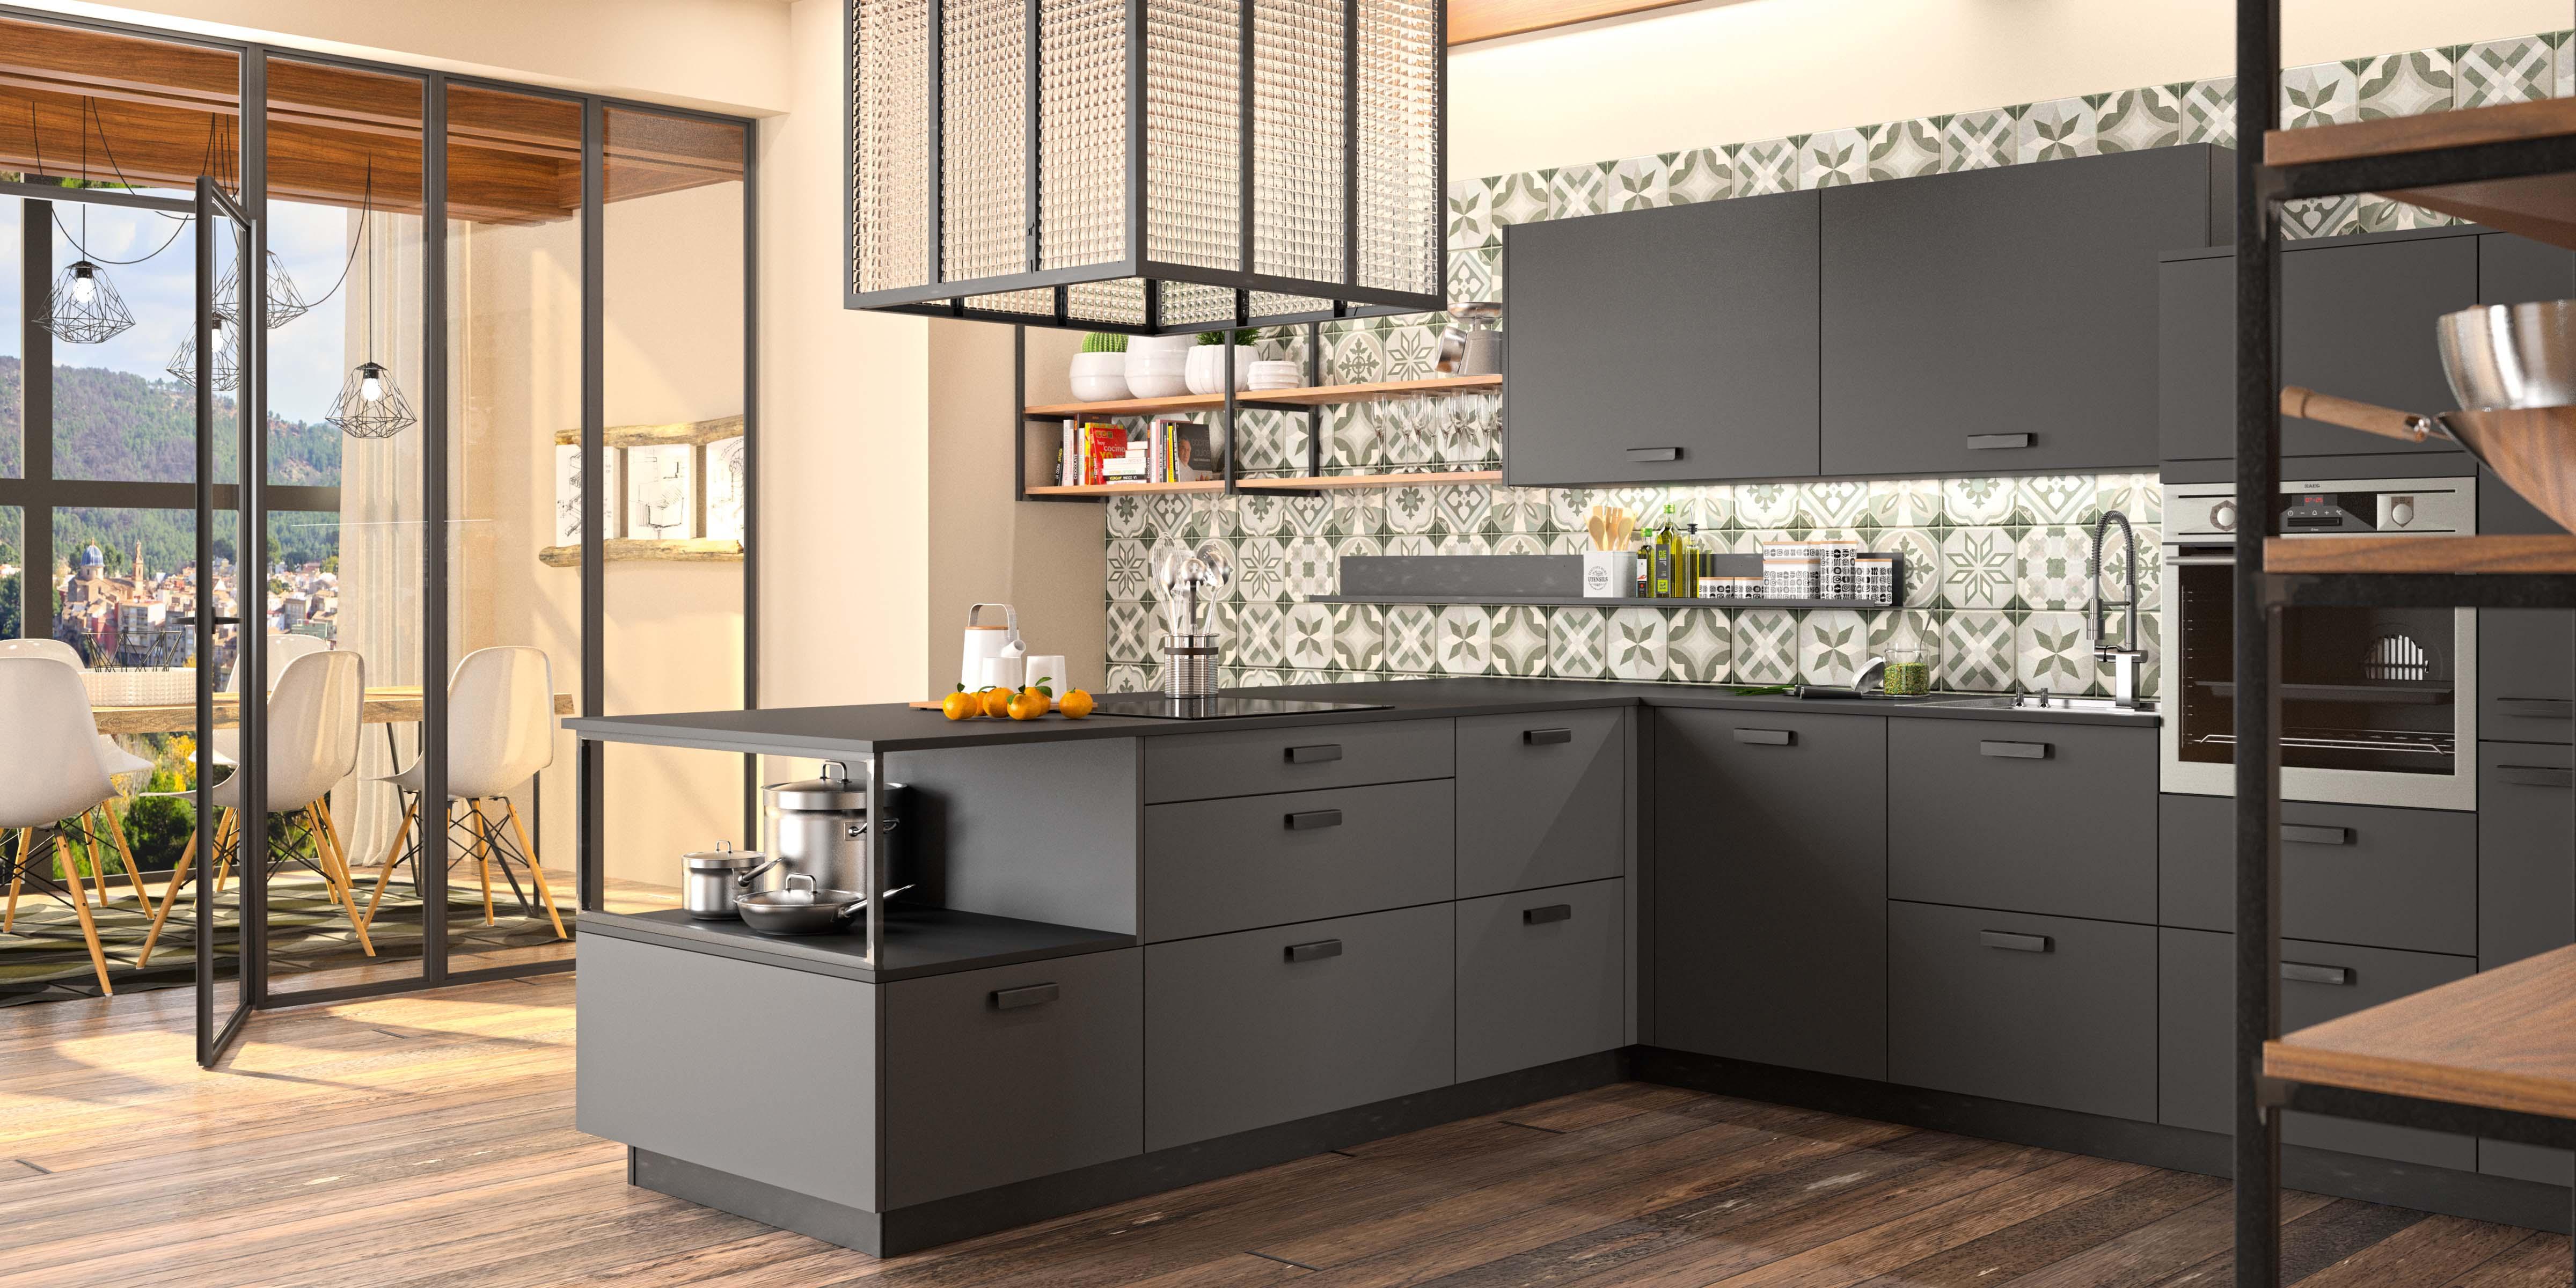 Installation cuisine industrielle Morel par Intérieur Littoz